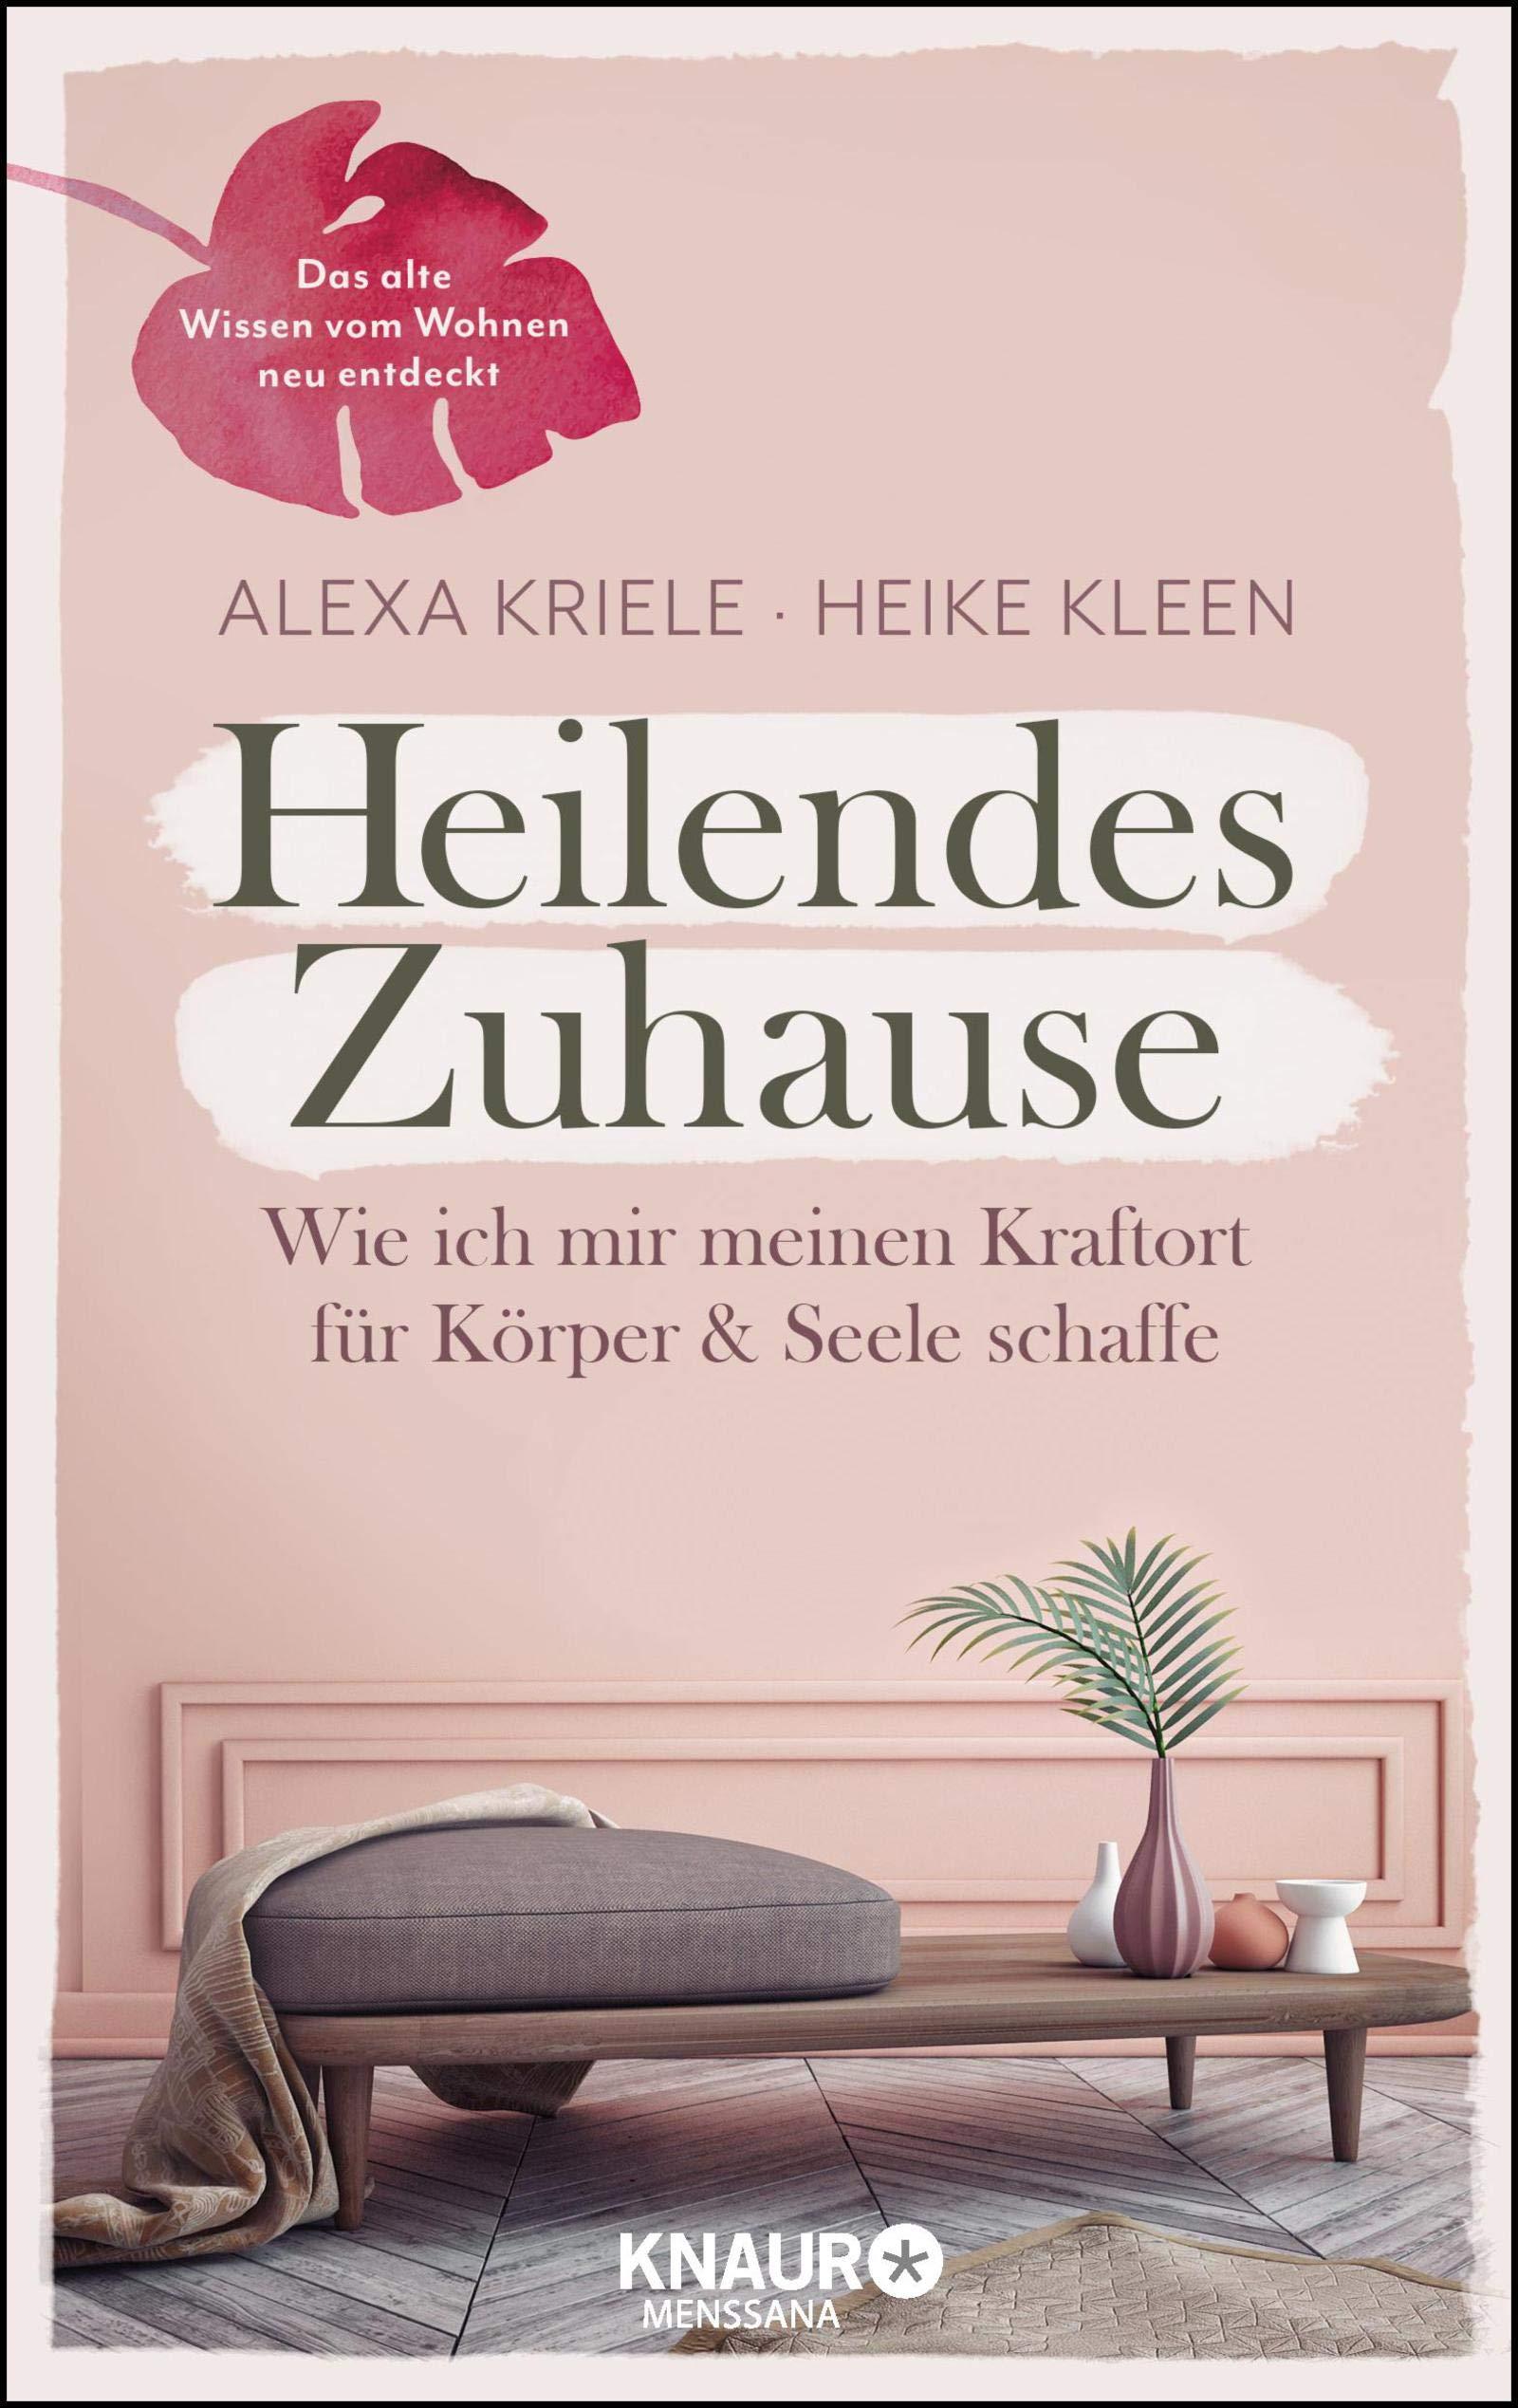 Heilendes Zuhause: Wie ich mir meinen Kraftort für Körper und Seele schaffe Gebundenes Buch – 2. November 2018 Heike Kleen Alexa Kriele Knaur MensSana HC 3426658372